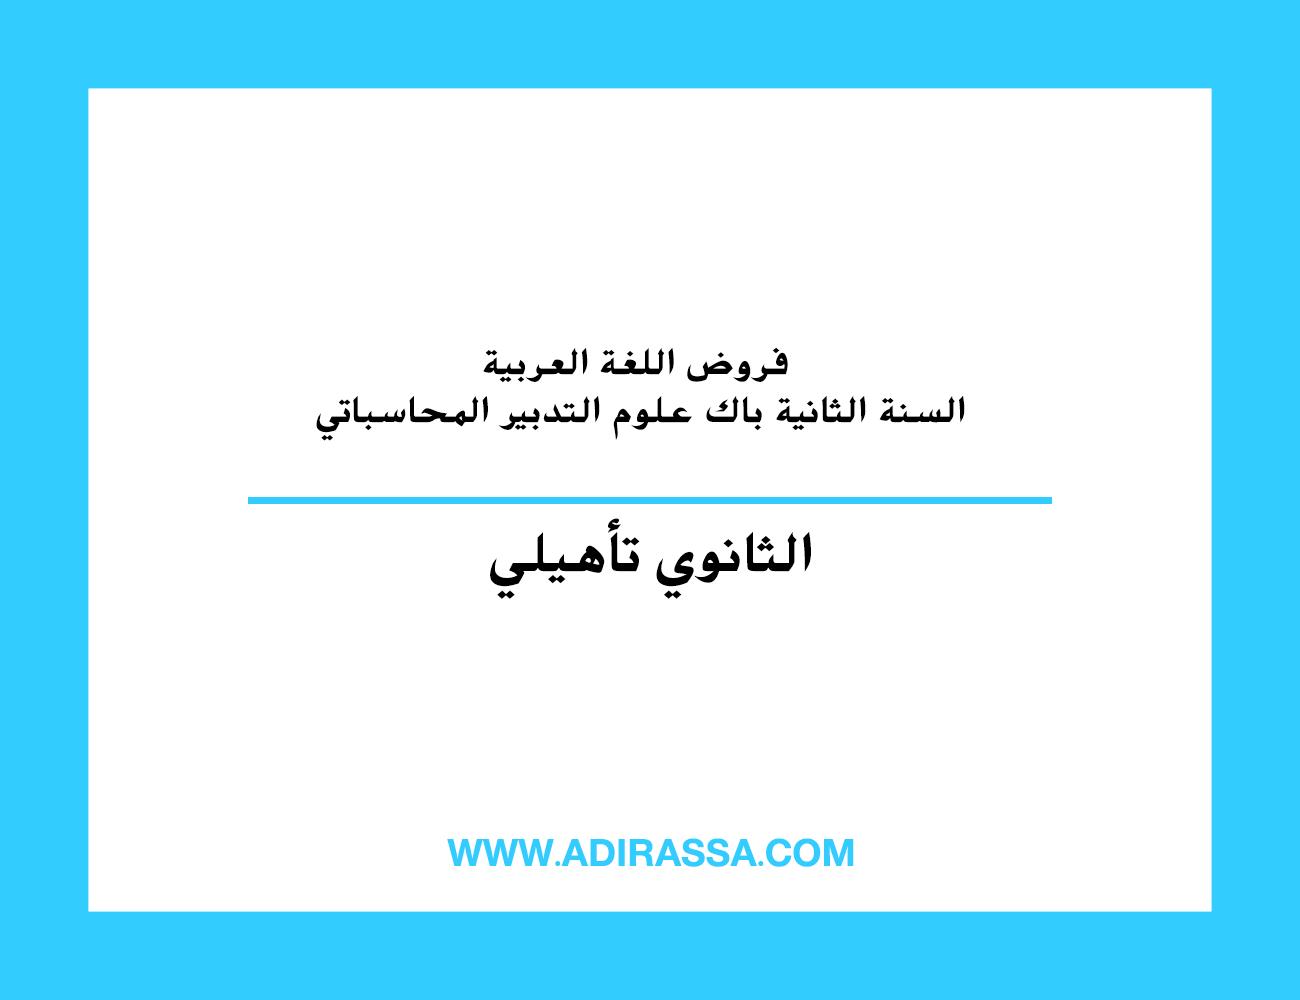 فروض اللغة العربية السنة الثانية باك علوم التدبير المحاسباتي بالثانوي التأهيلي